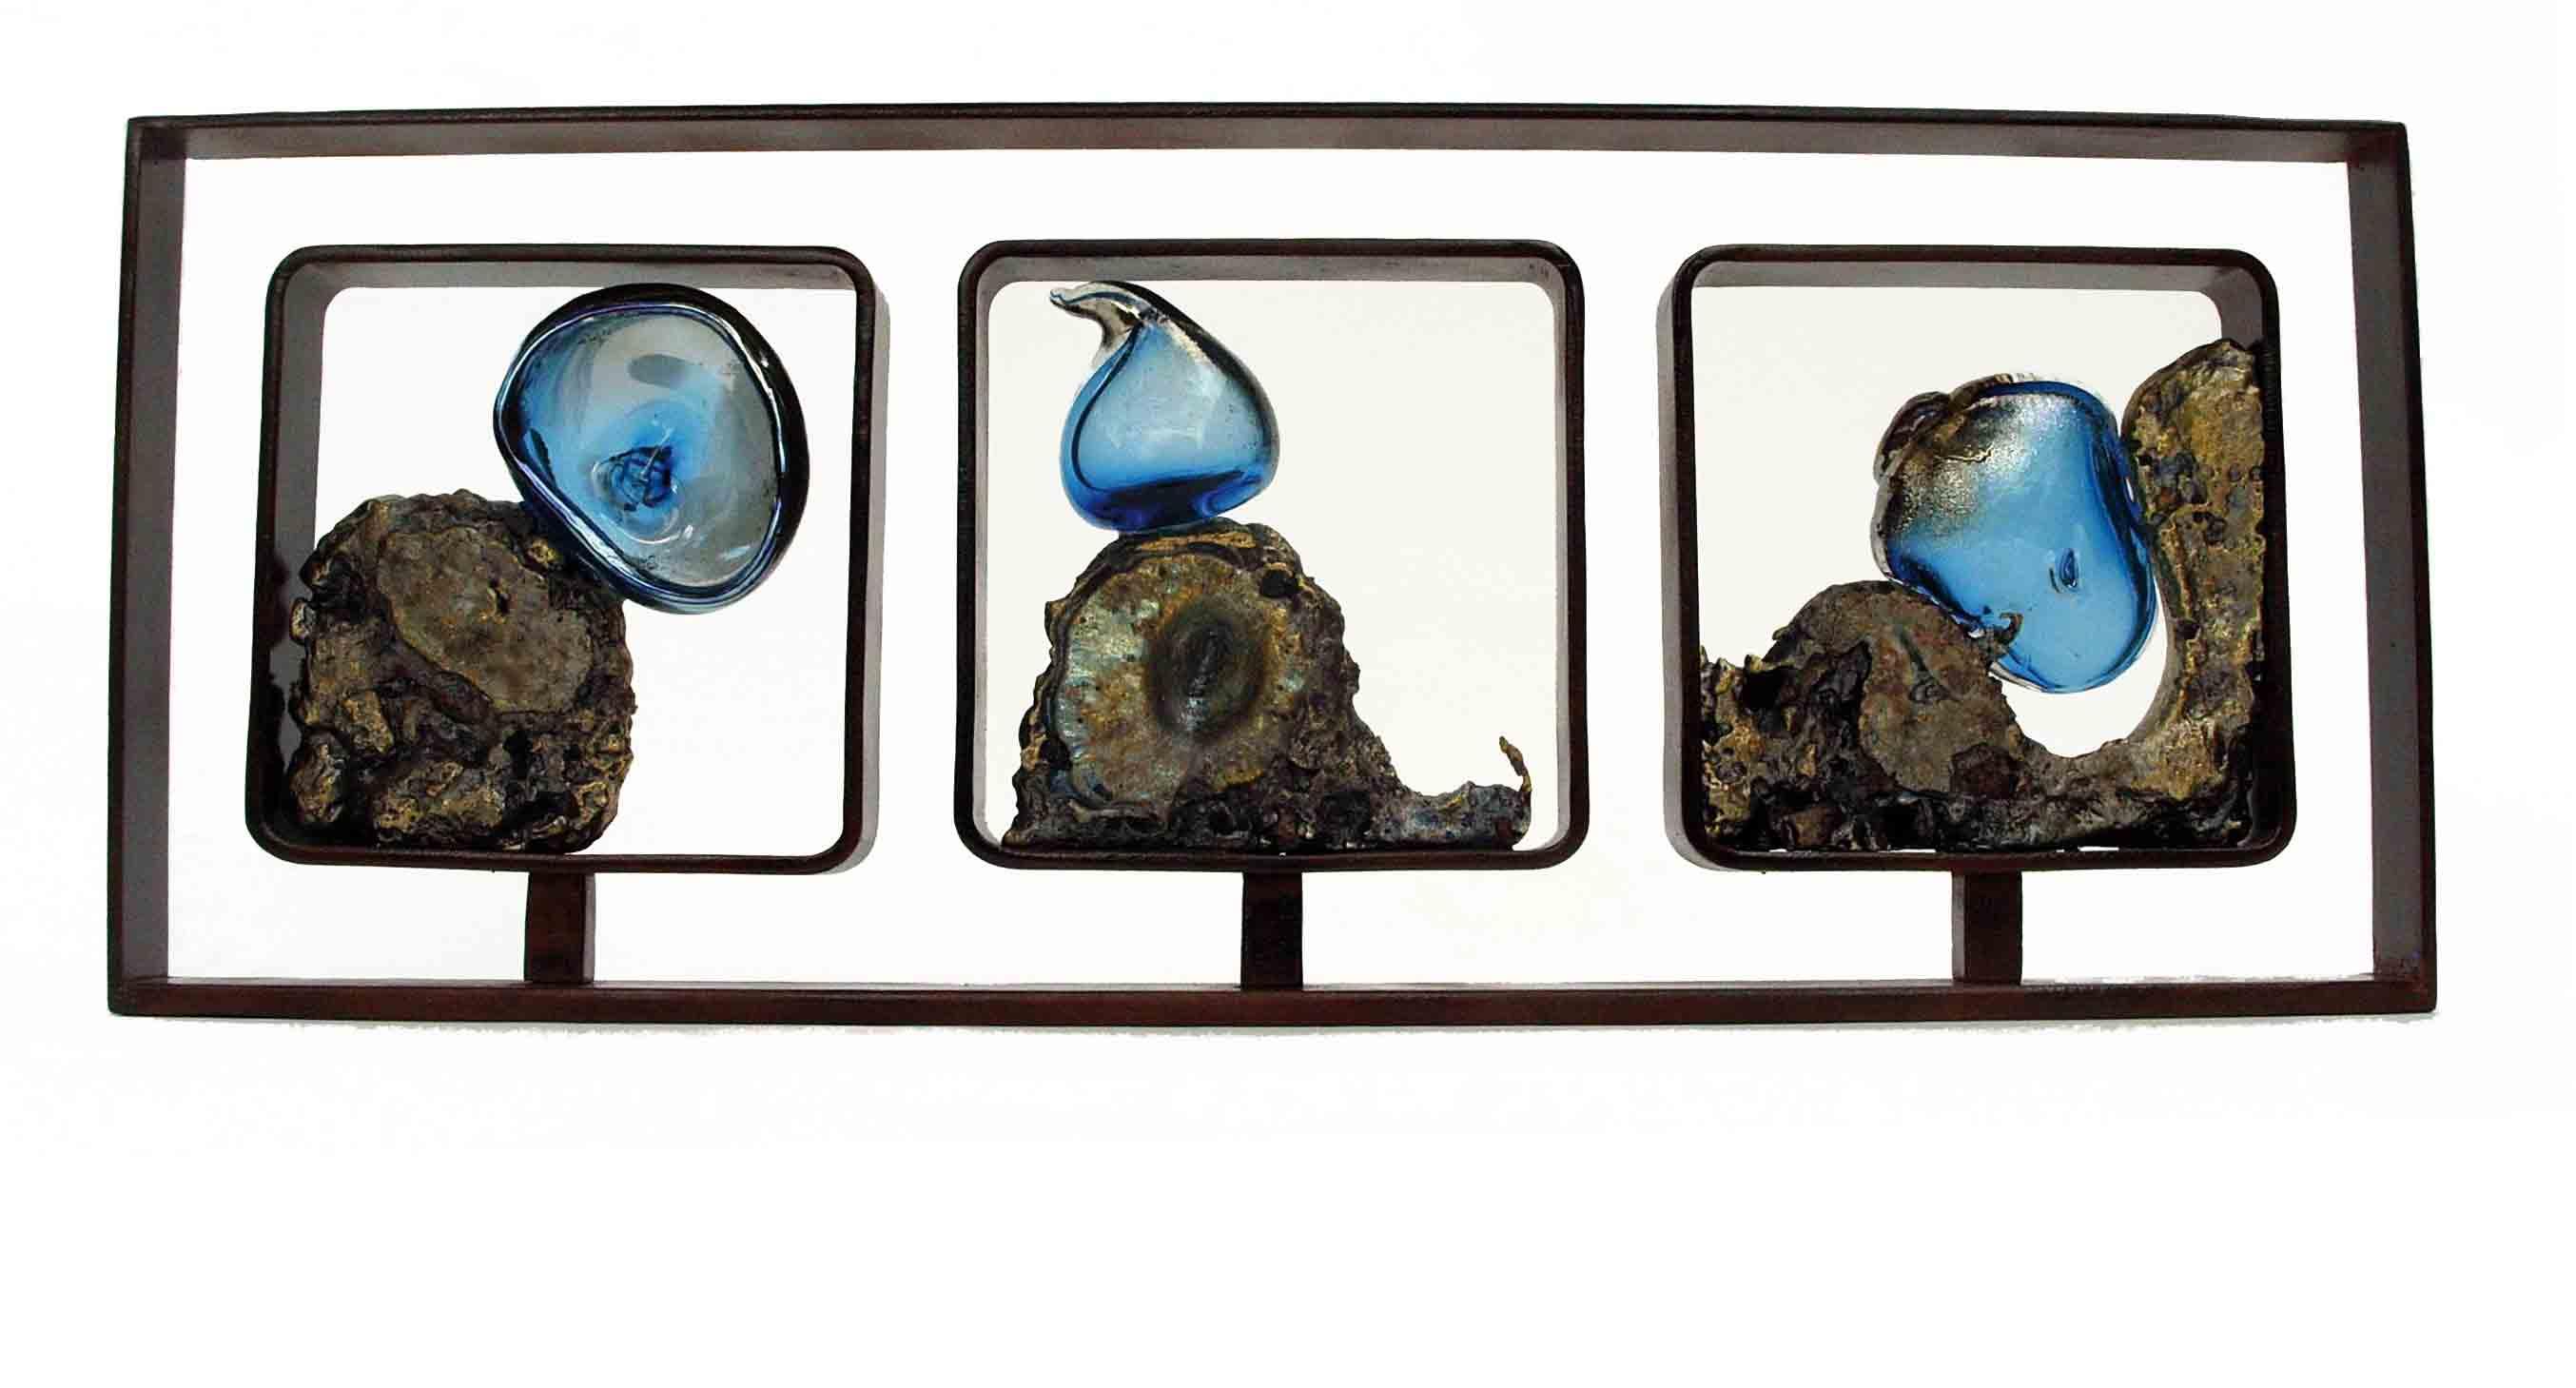 Histoire de Verre, 2012, verre et métal, Fabienne Picaud